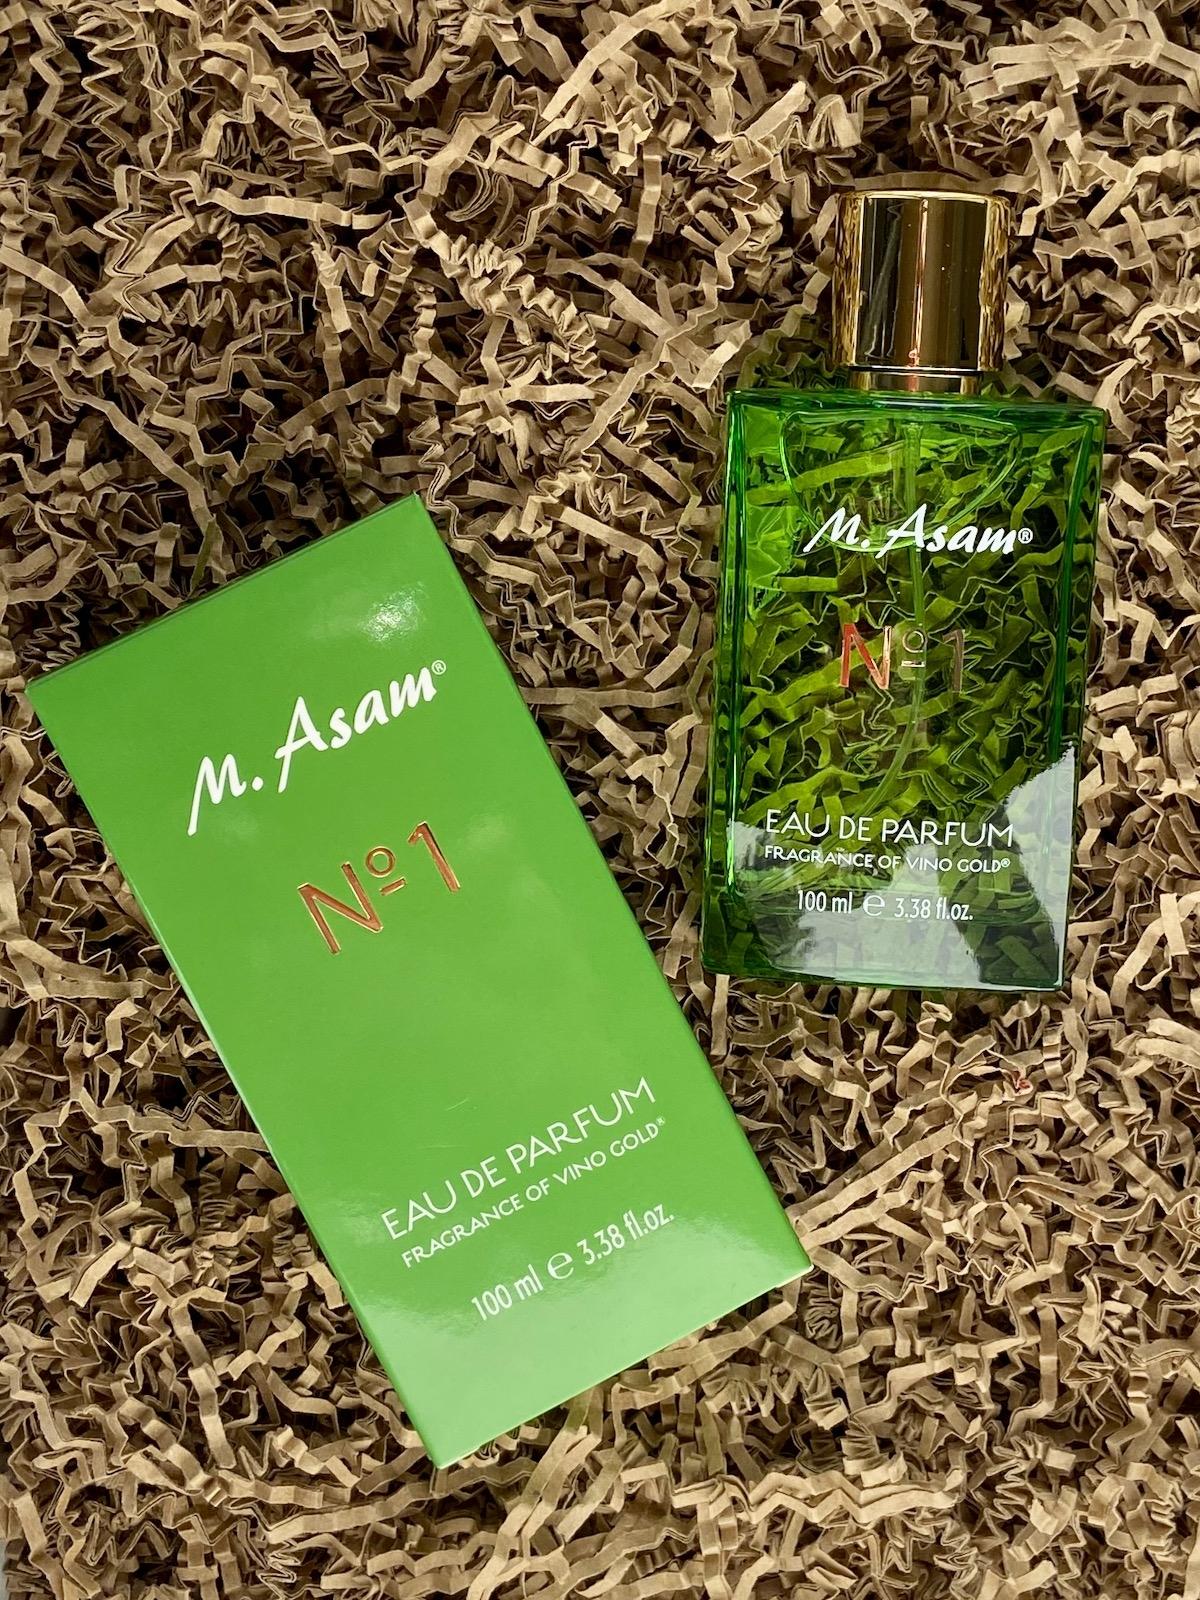 Asam No. 1 Eau de Parfum Vino Gold